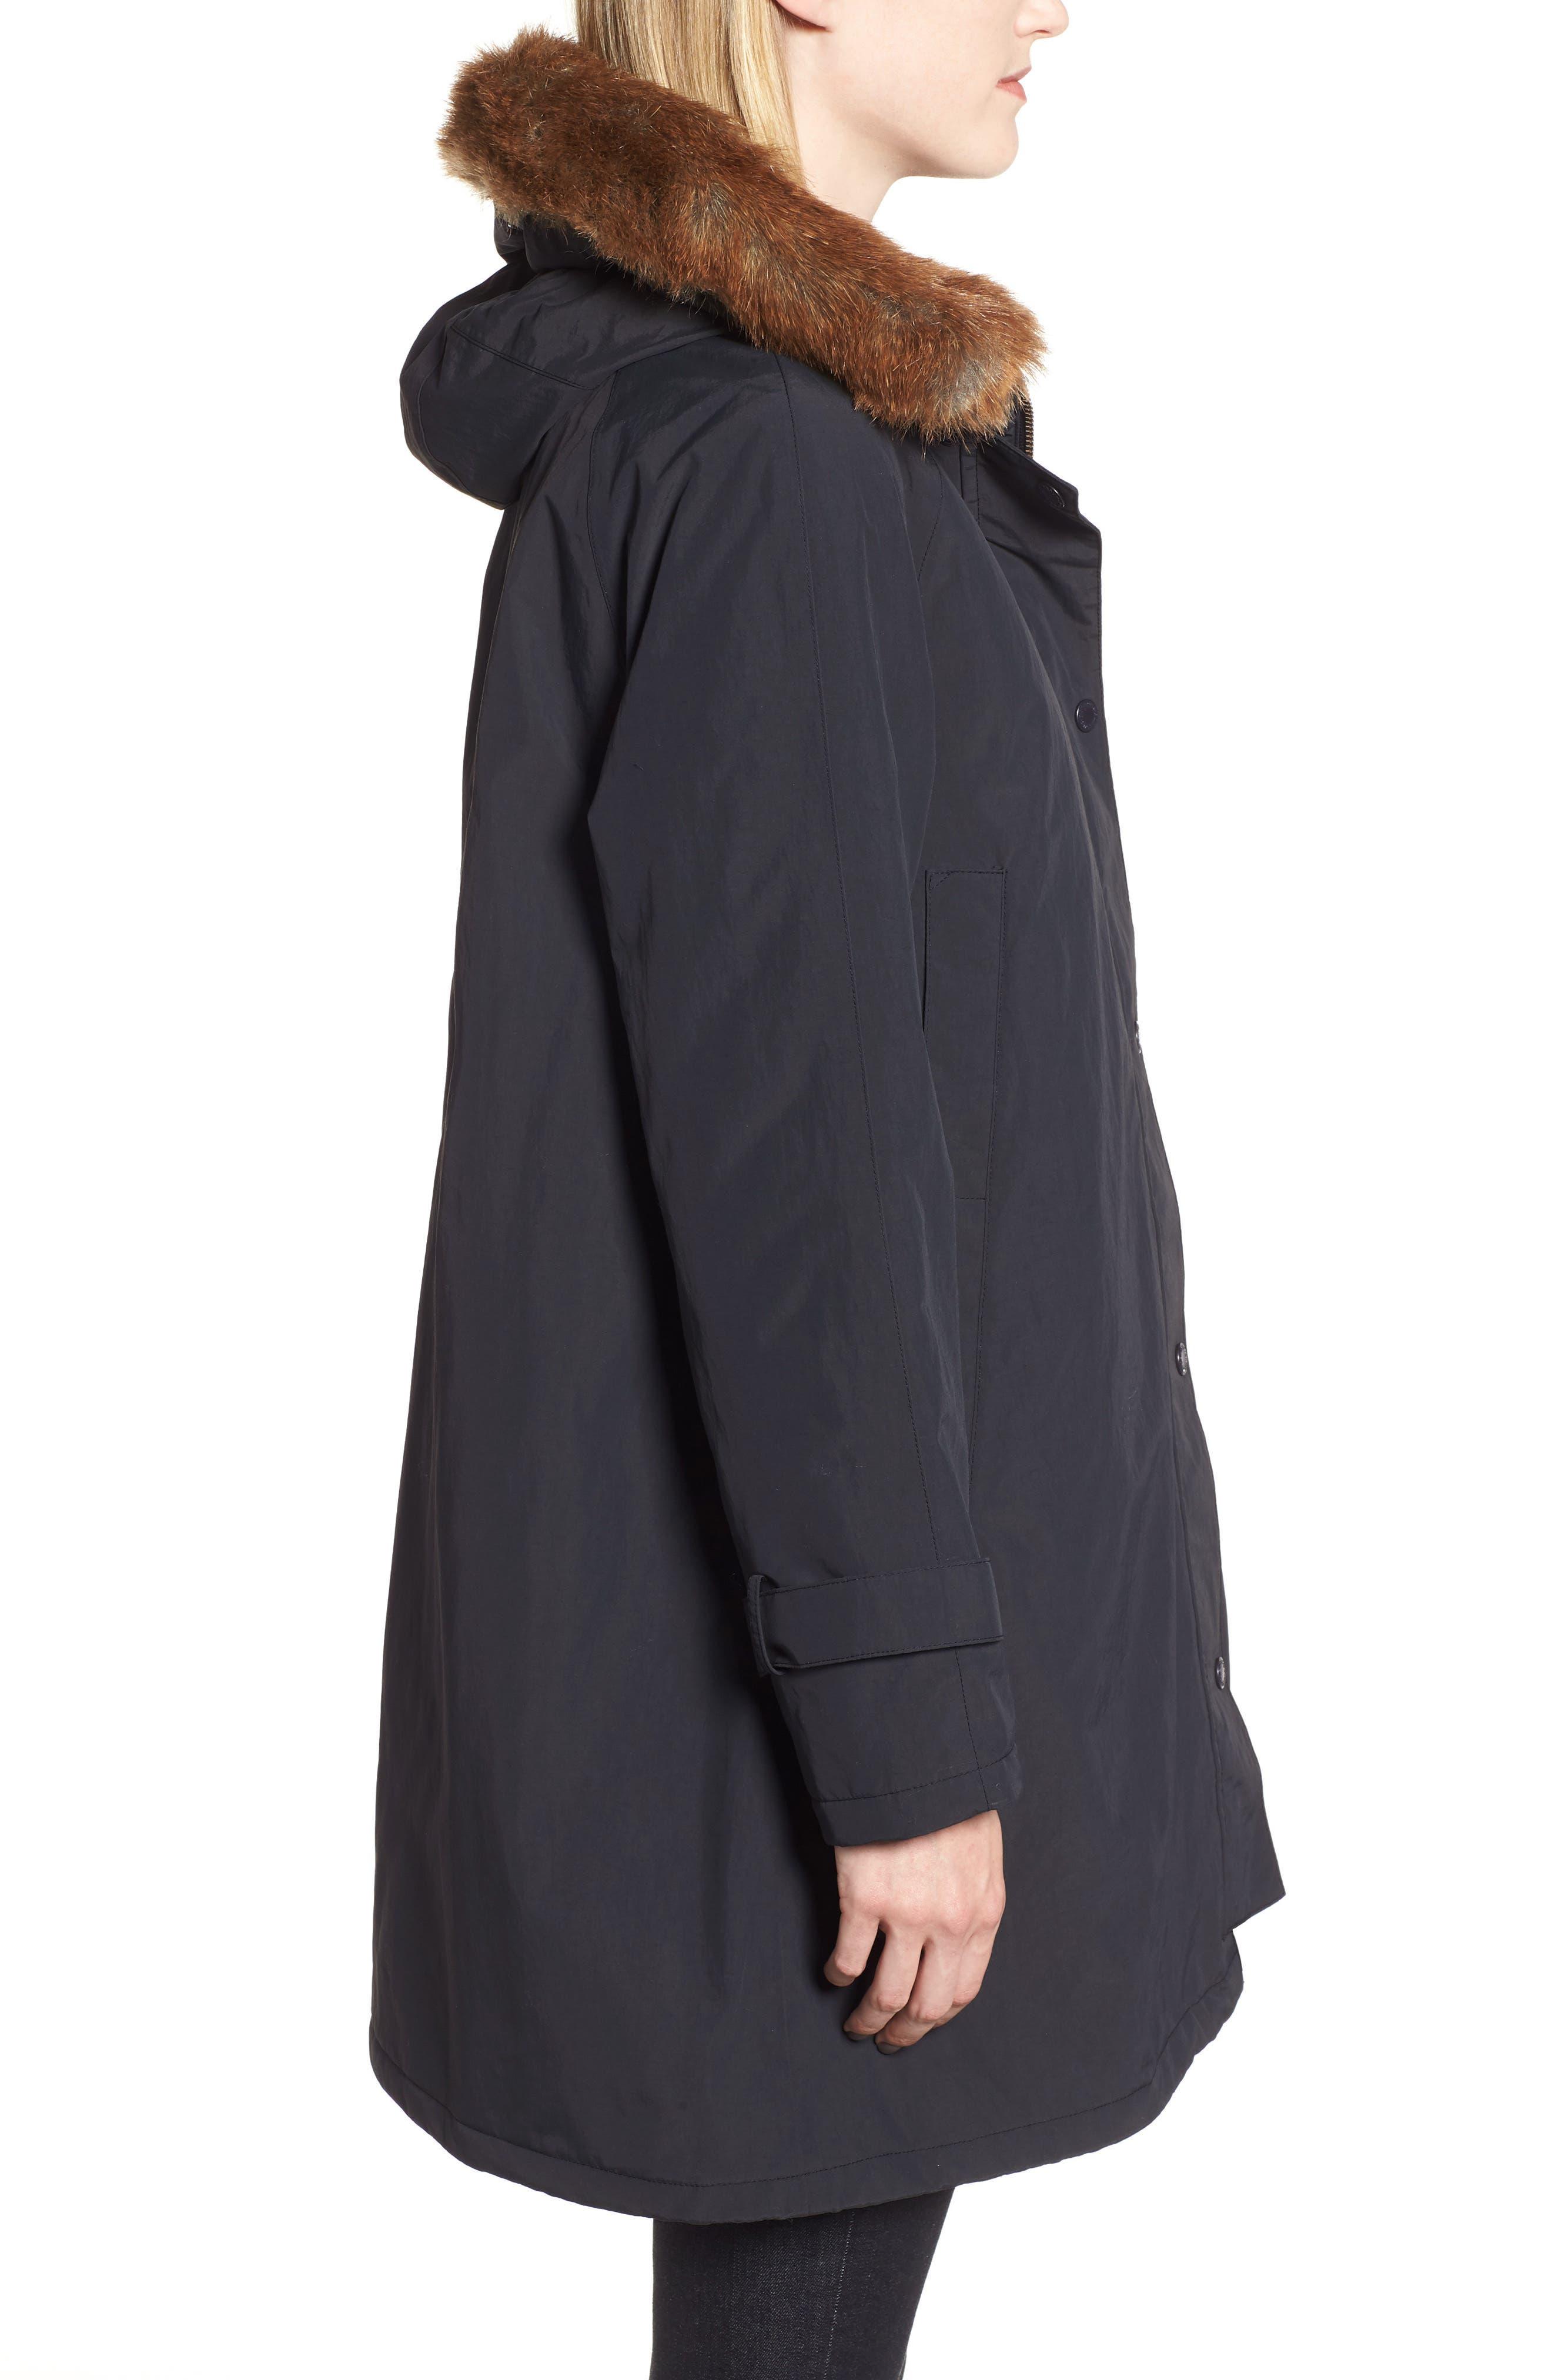 Dexy Jacket with Faux Fur Trim,                             Alternate thumbnail 3, color,                             BLACK